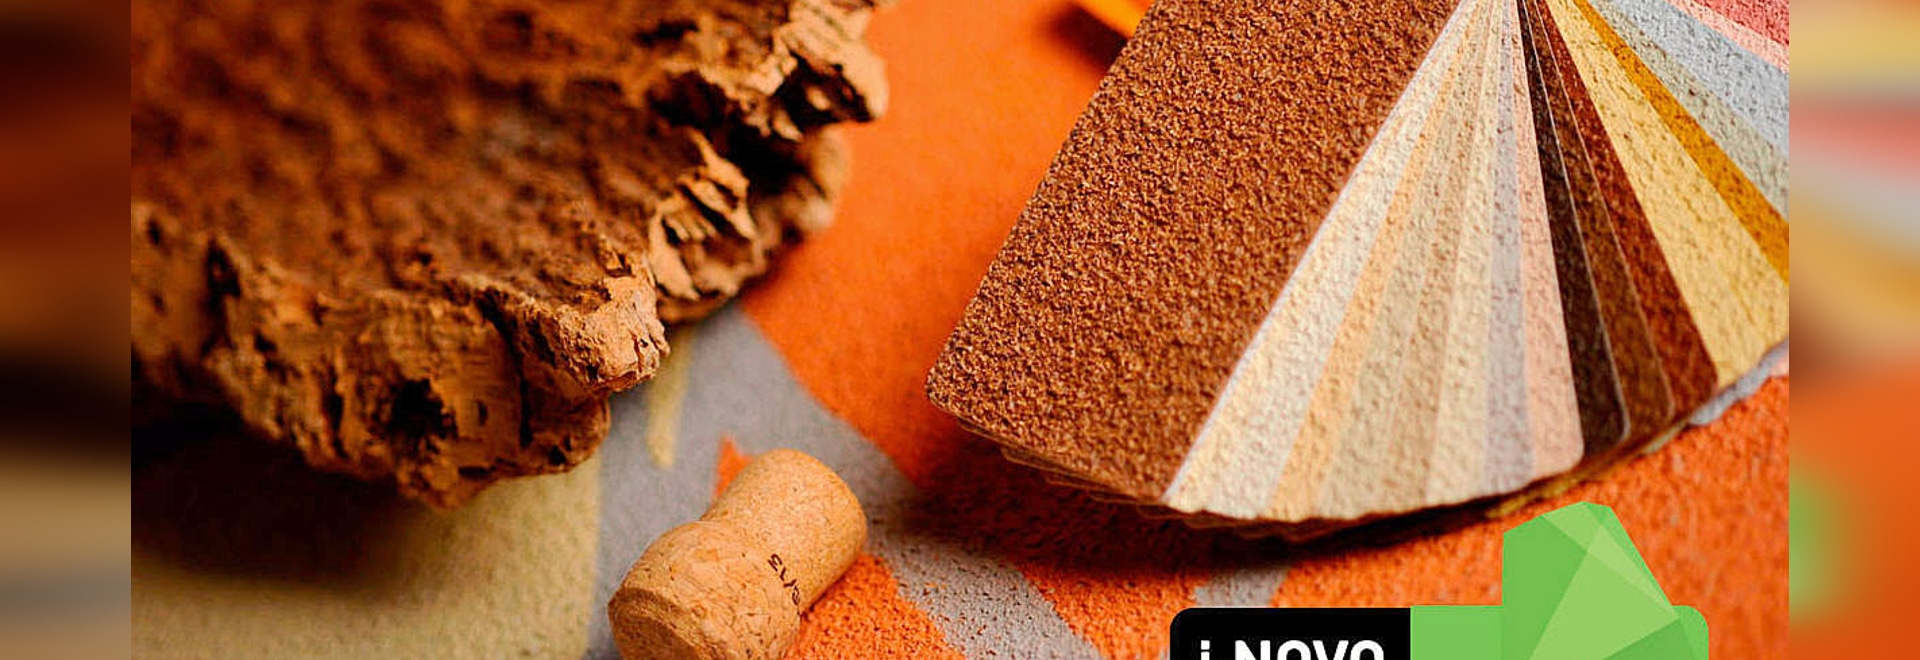 Cork coating 64